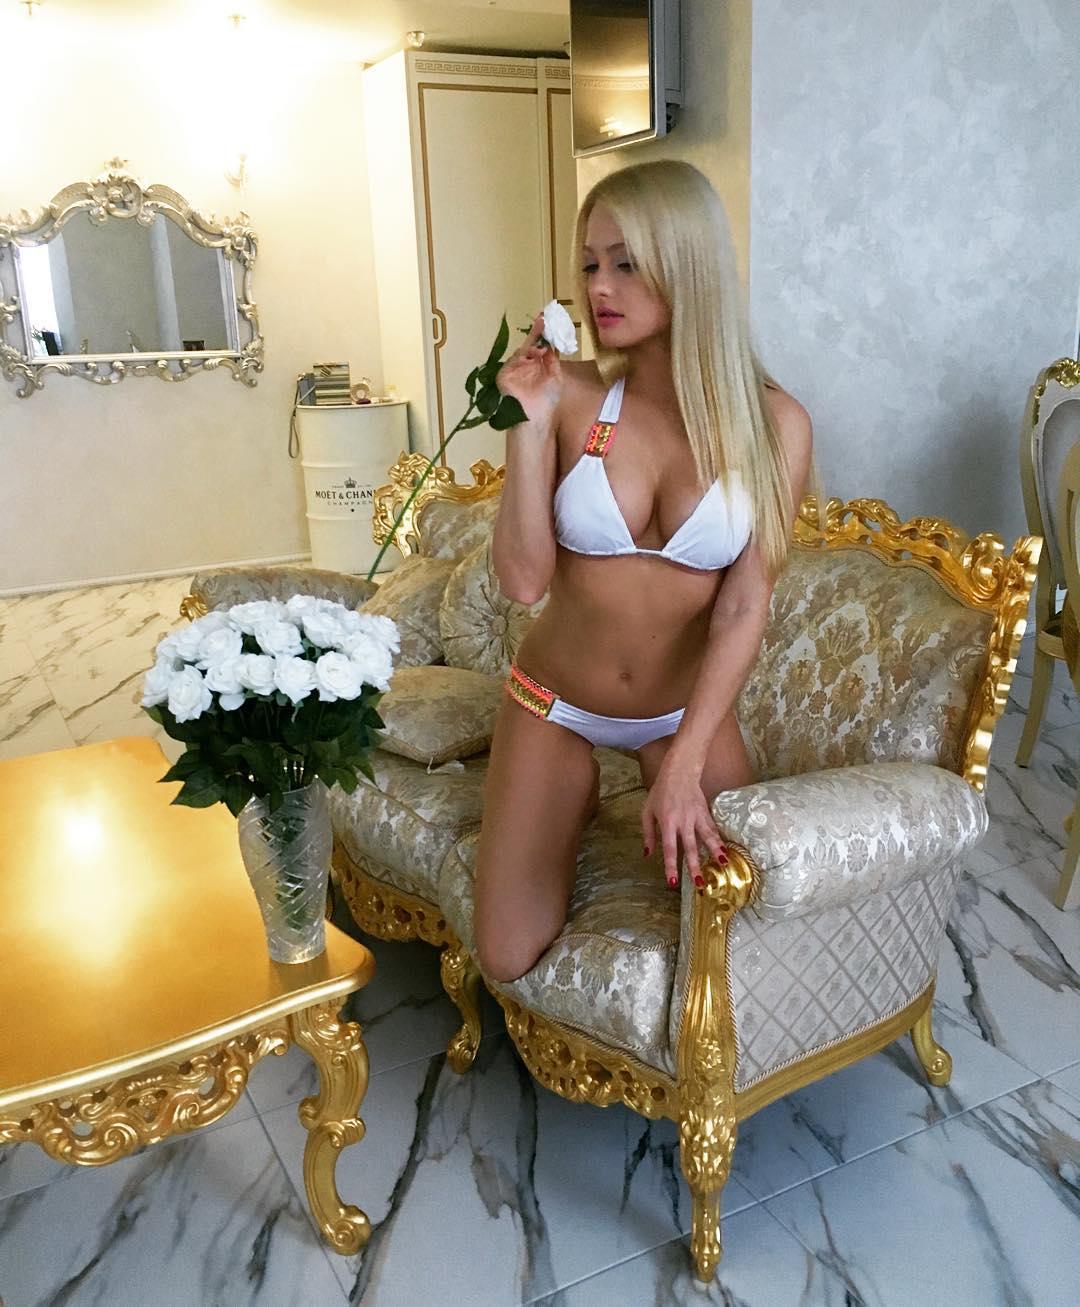 Самая реальная жесткая русская порнуха с девочками онлайн